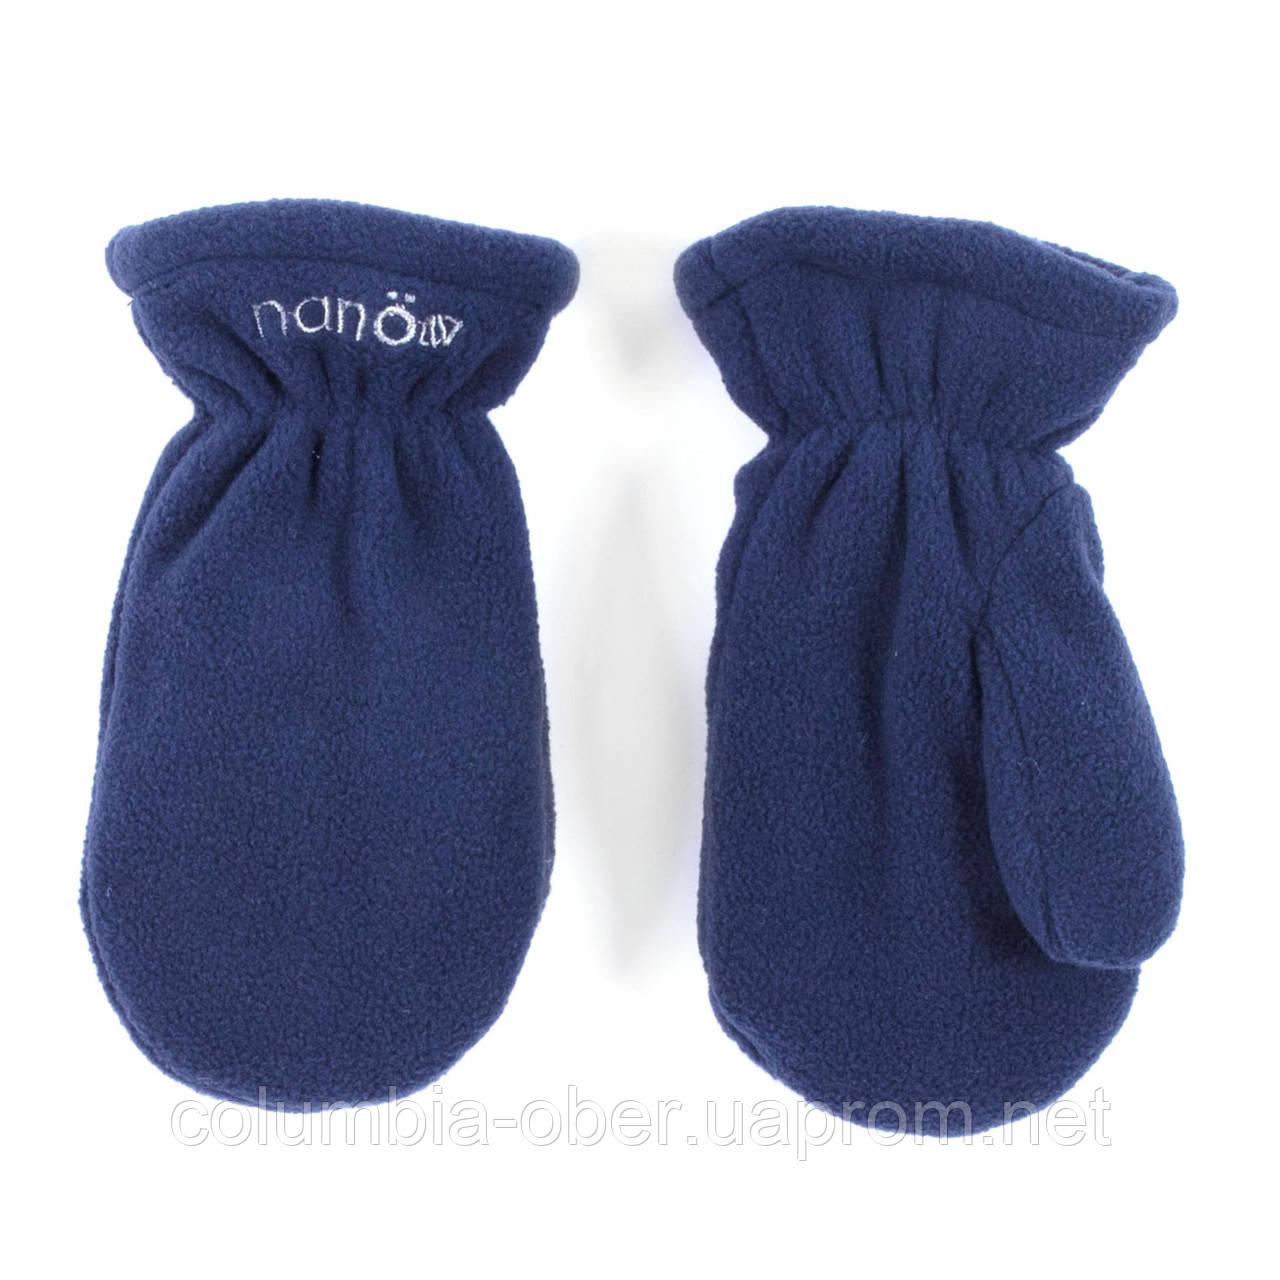 Зимние флисовые рукавицы для мальчика Nano BMITP501-F19 Mid Marine. Размеры 12/24 мес - 7/8.